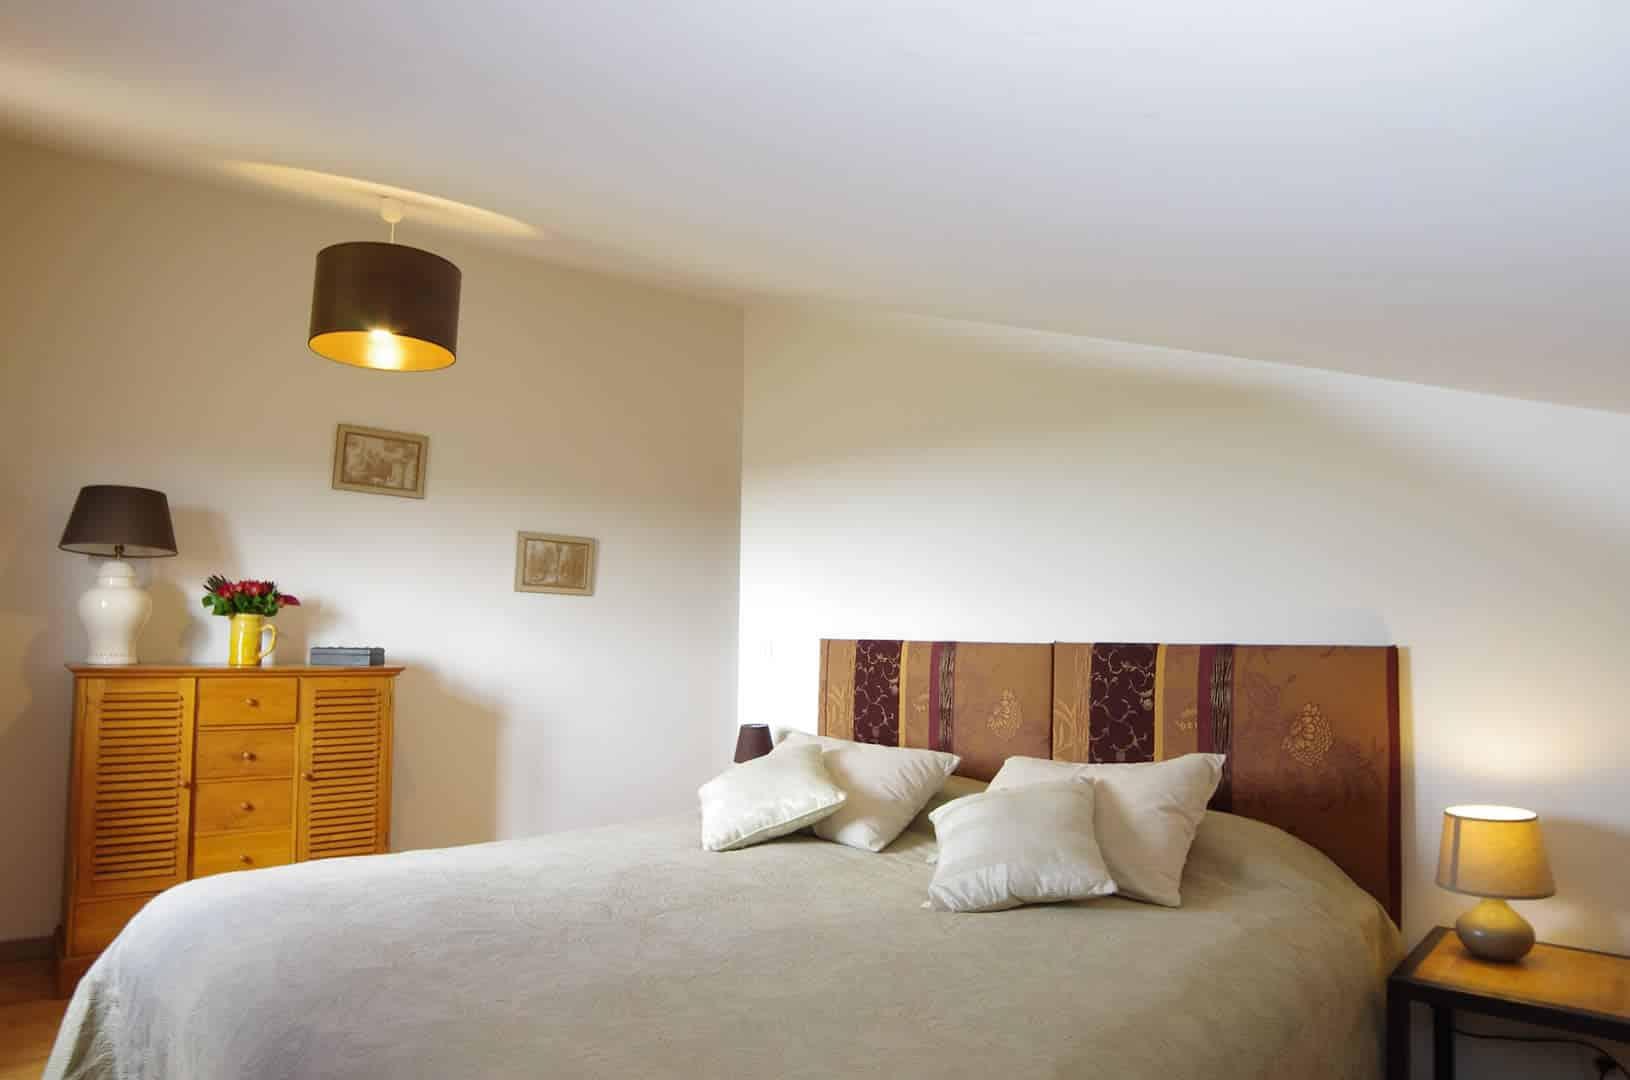 Grand gîte de charme - chambre 2ème étage lit haut de gamme 180 de large ou 3x90